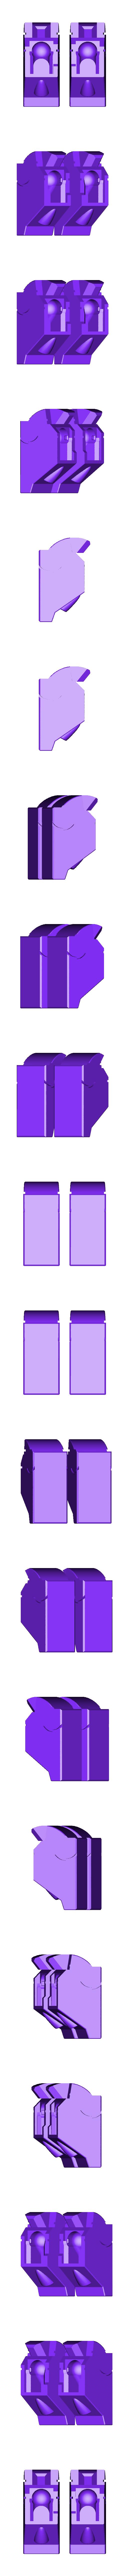 18_Brawn_Leg4_Foot_GREEN.stl Download free STL file G1 Transformers Brawn • 3D printer object, Toymakr3D